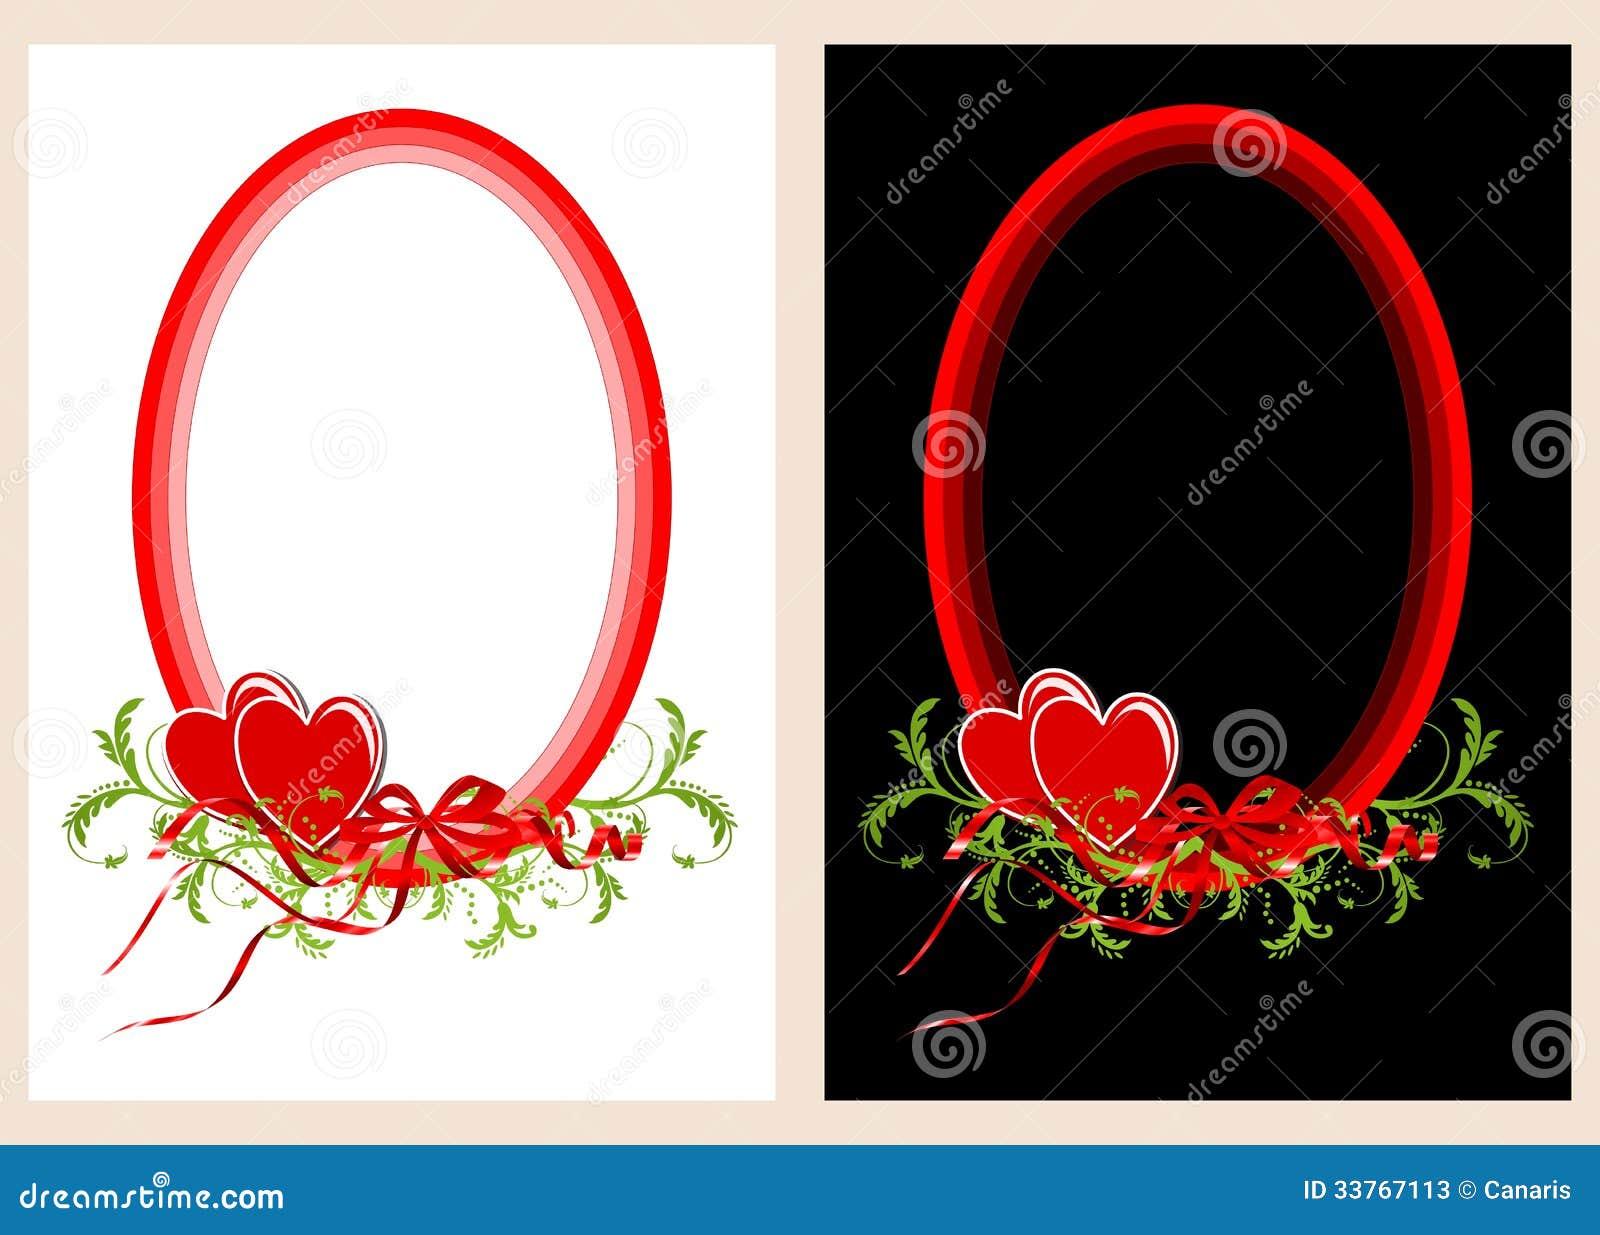 zwei ovale rahmen mit herzen stock abbildung bild 33767113. Black Bedroom Furniture Sets. Home Design Ideas